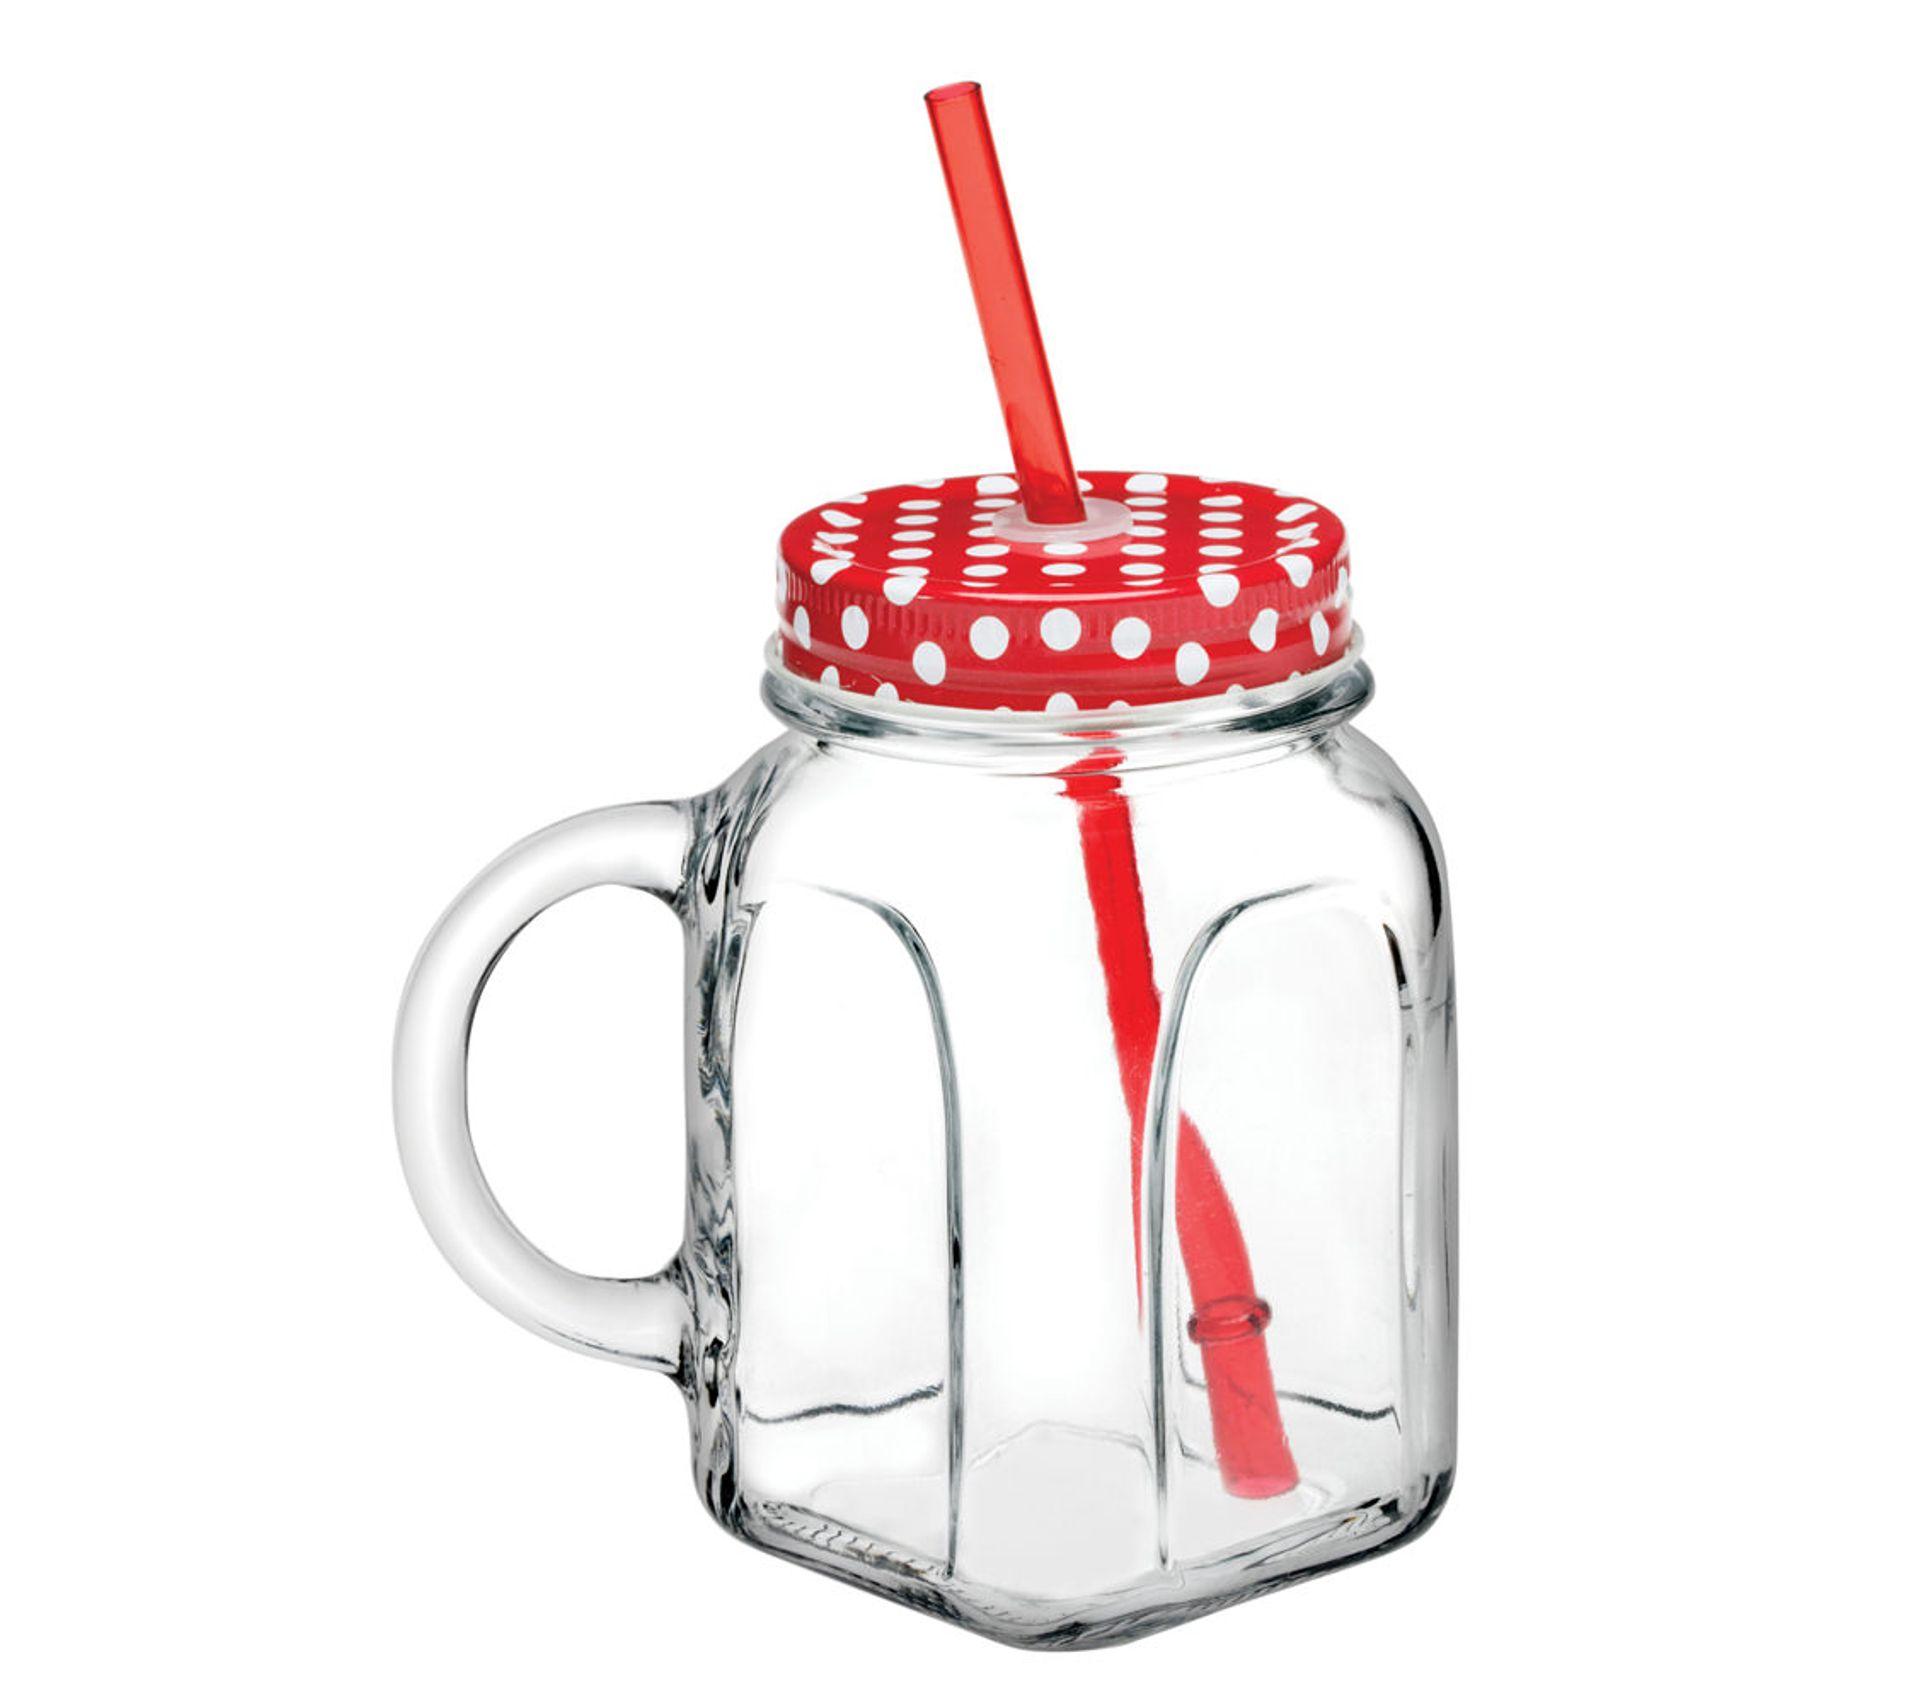 Paille De Fer Souris mug 45 cl avec couvercle en métal rouge + paille